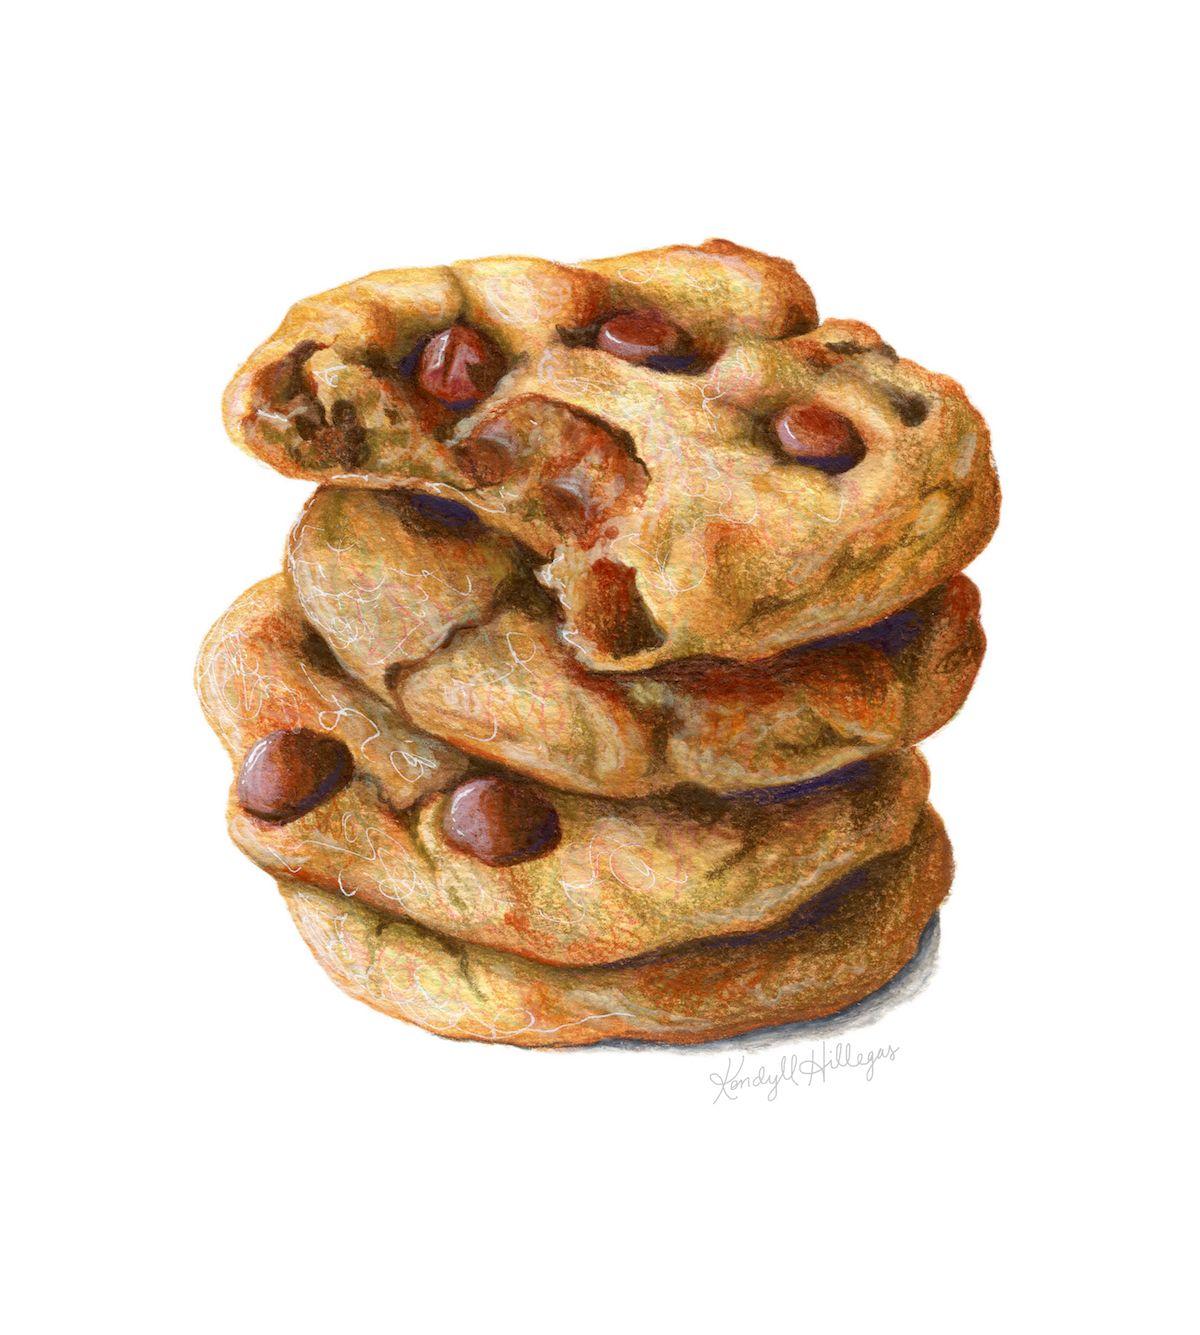 Chocolate Chip Cookies Con Imagenes Ilustraciones De Alimentos